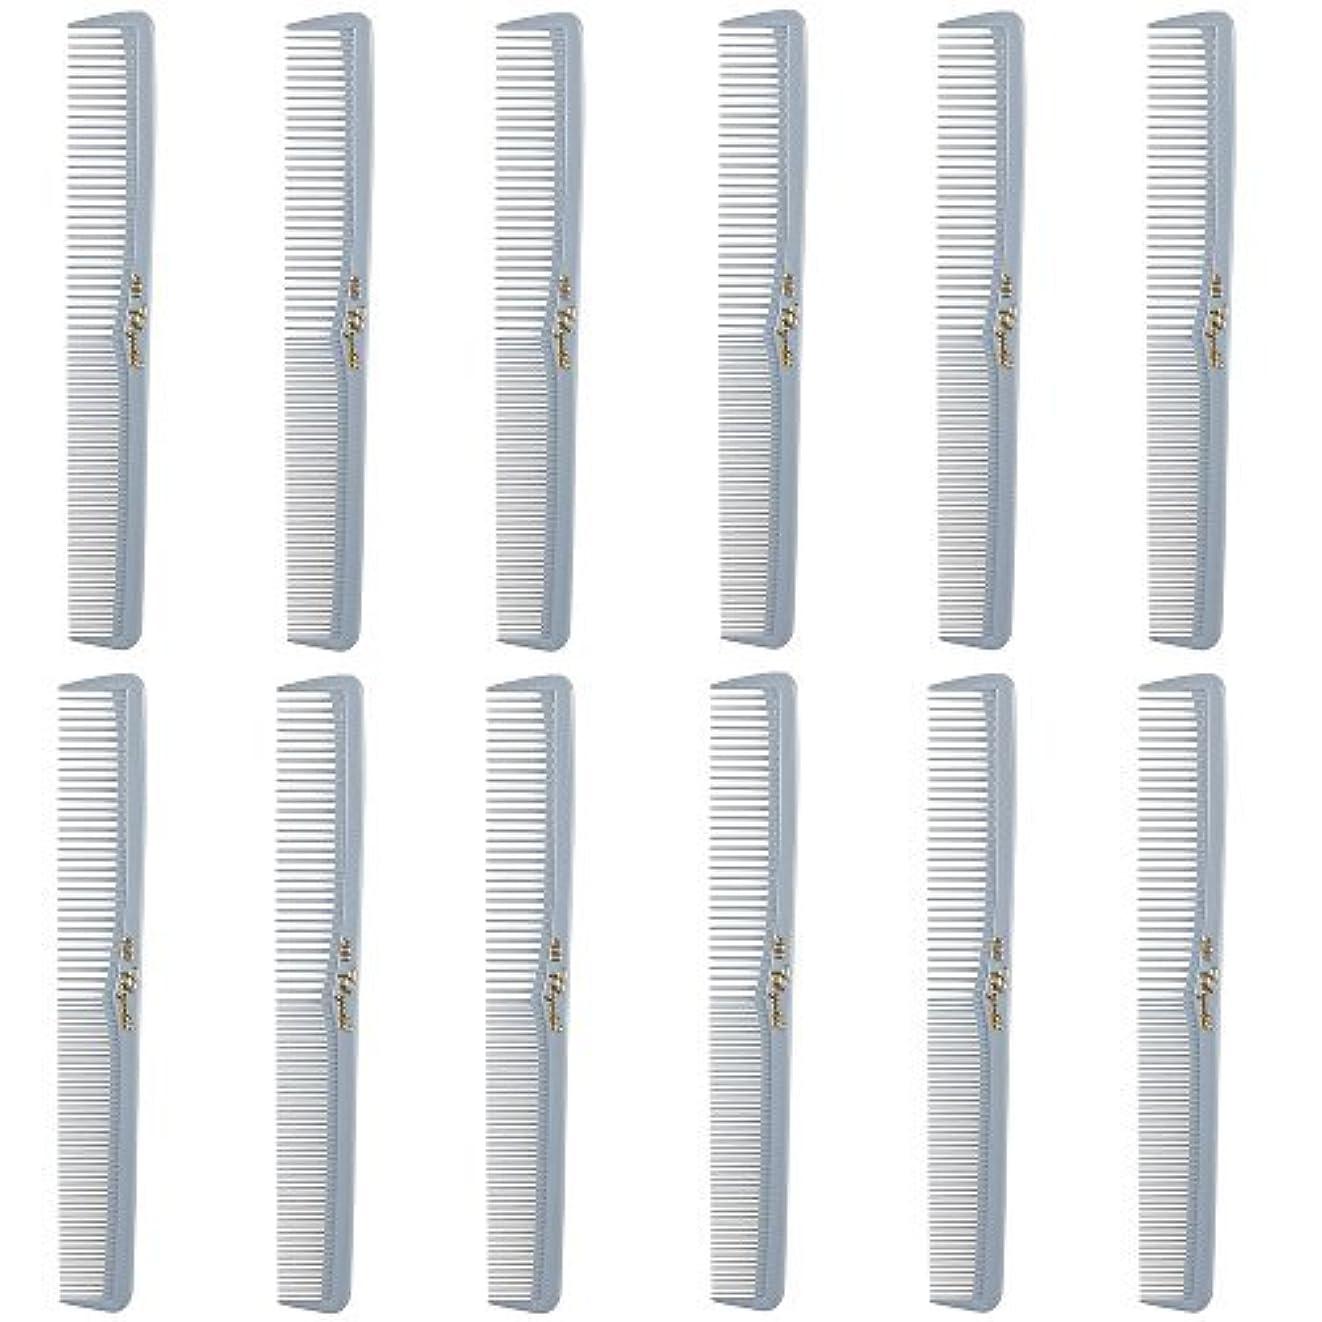 トレッド発明する取り消すBarber Beauty Hair Cleopatra 400 All Purpose Comb (12 Pack) 12 x SB-C400-LGREY [並行輸入品]